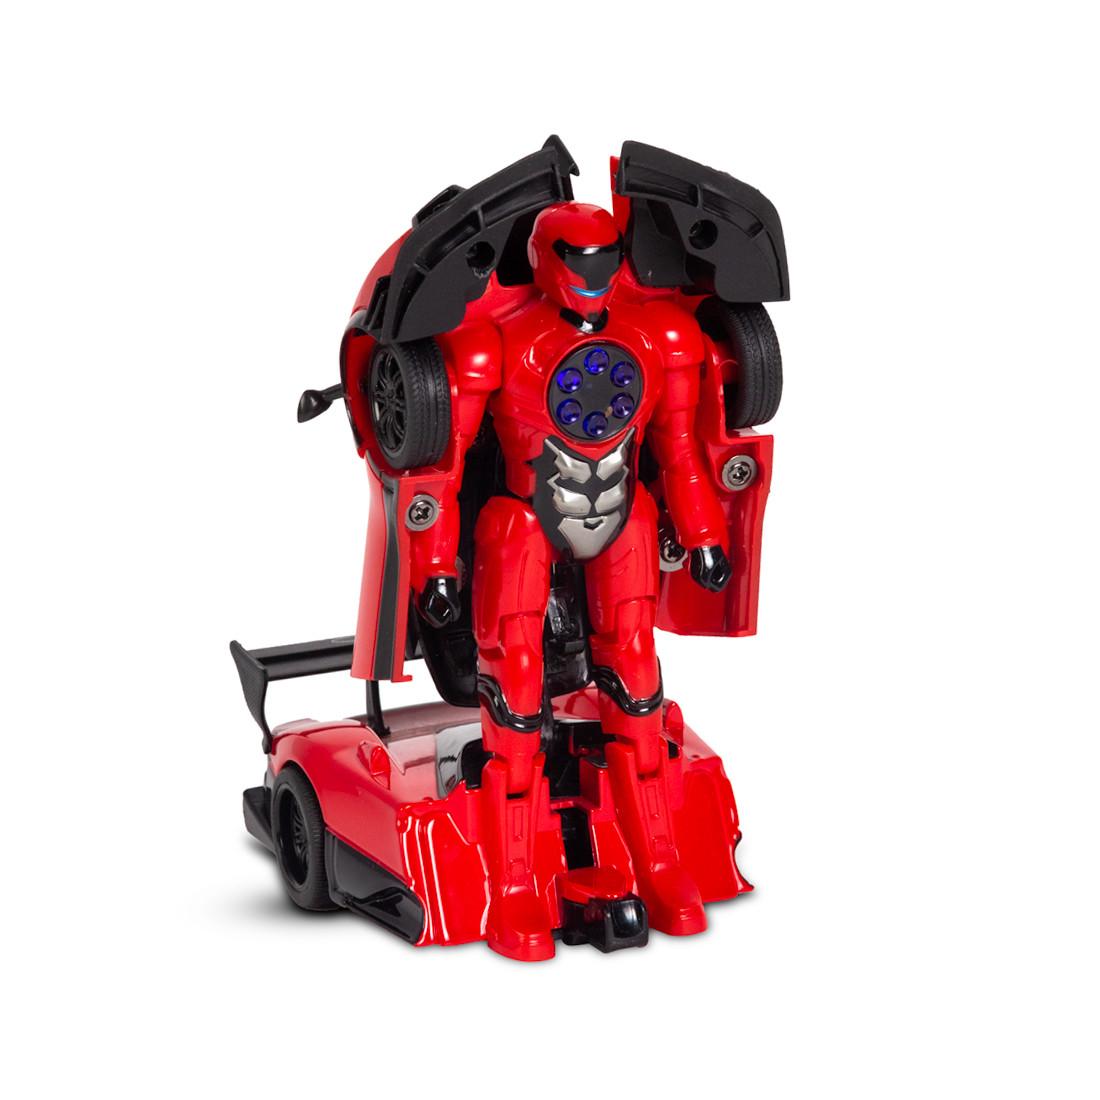 Металлический Трансформер RASTAR 61900R 1:32 Pagani Zonda R Свет Звук Красный